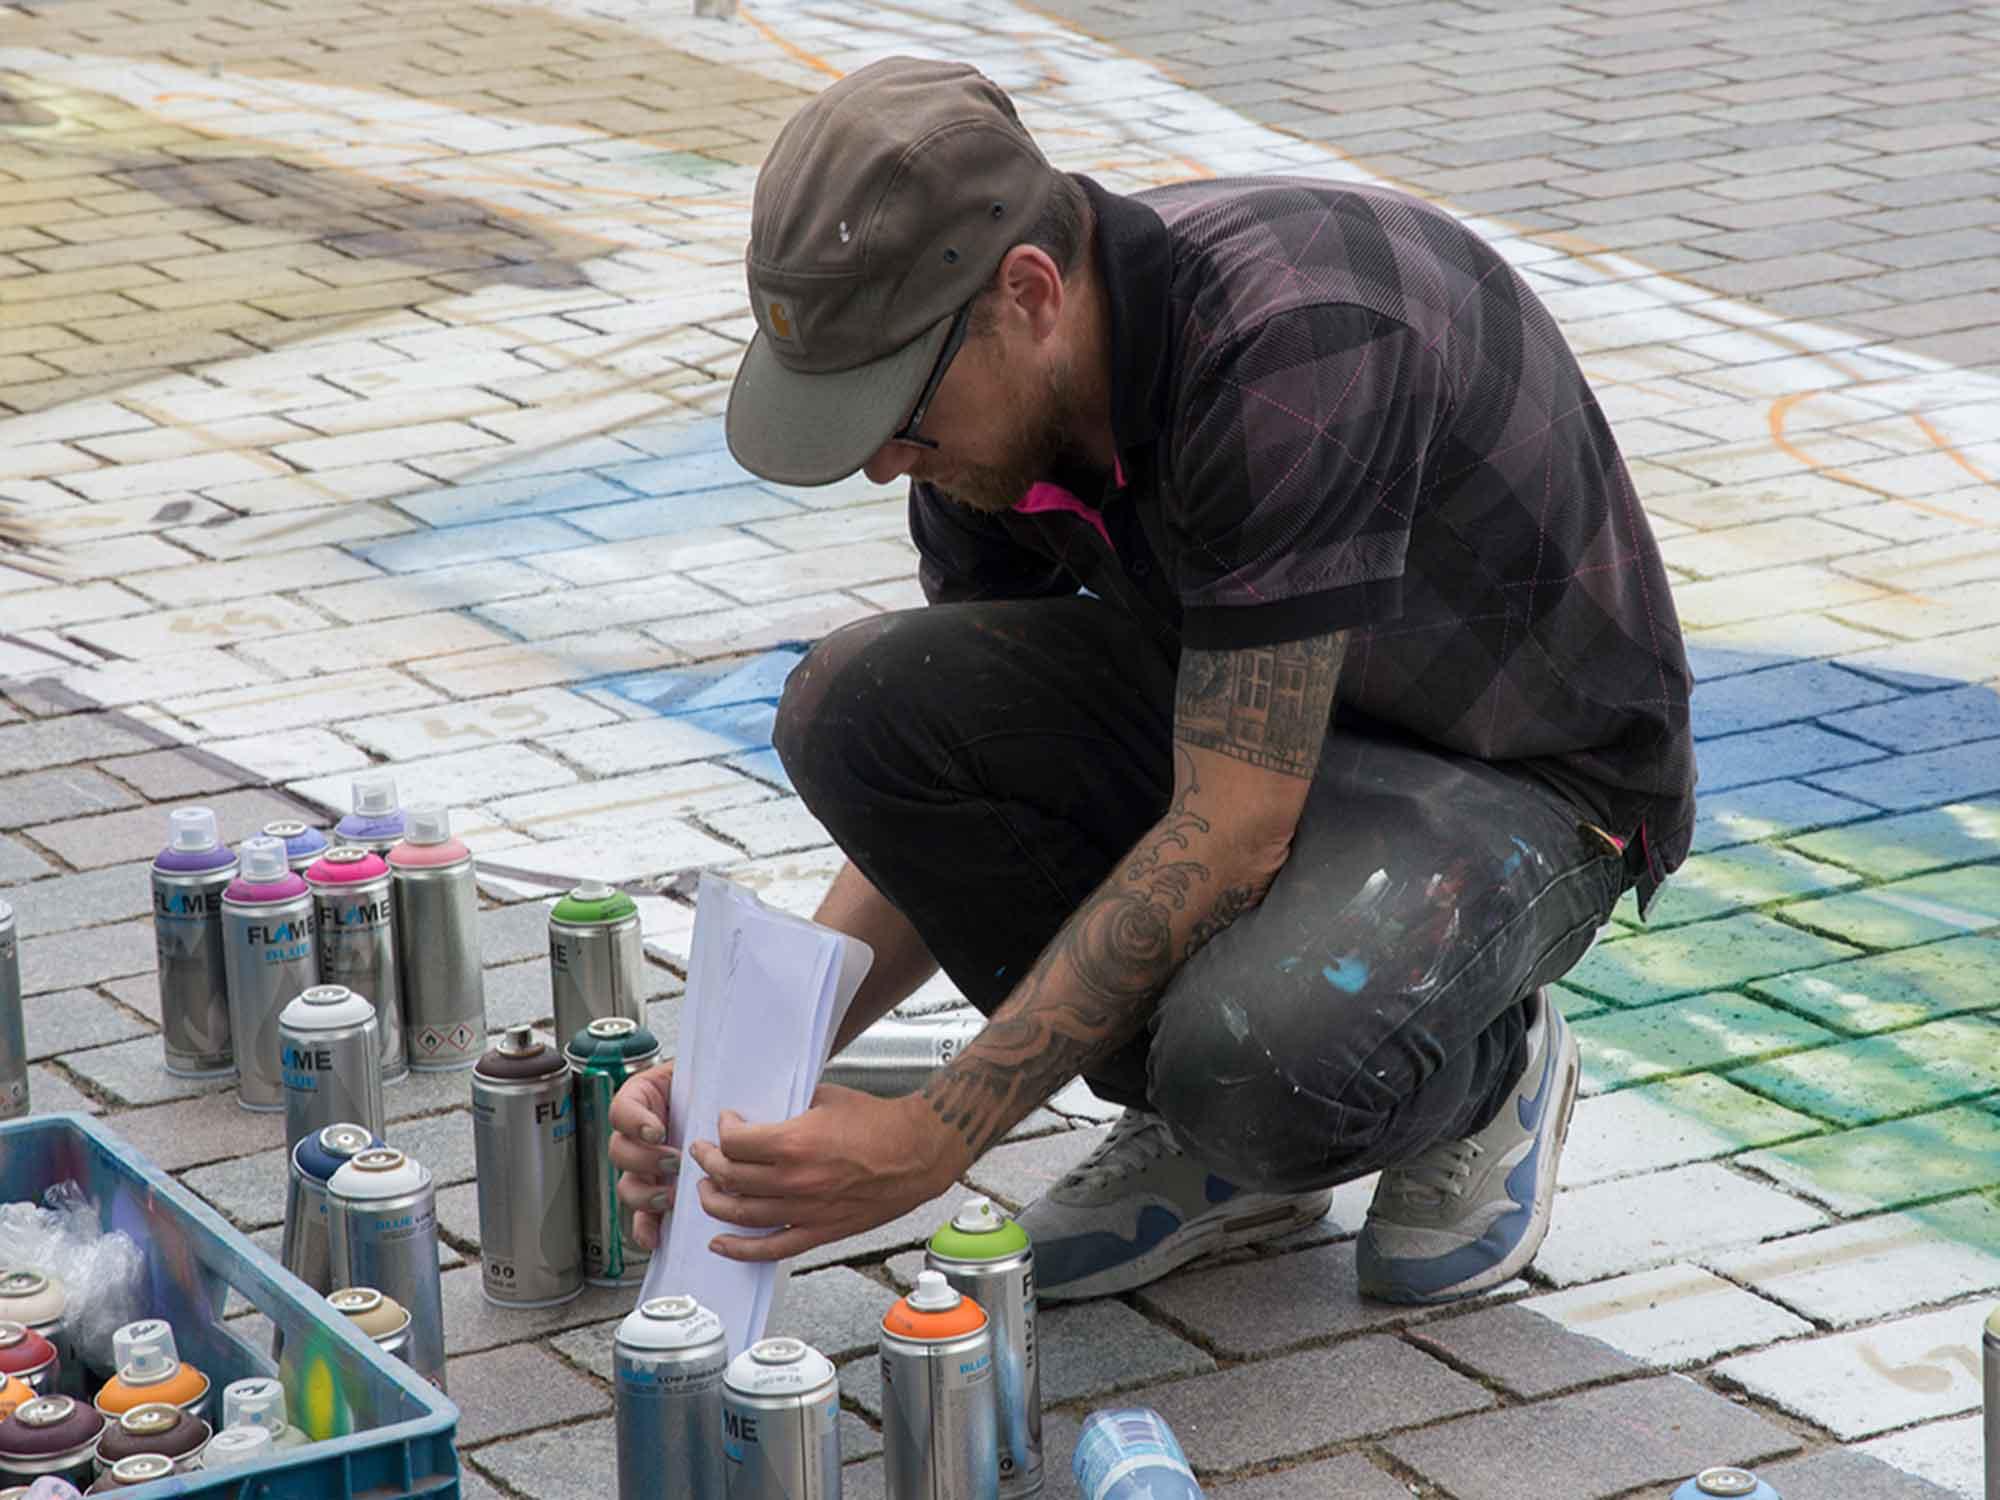 Nunspeet artist© Urban Solutions (placemaking - placebranding)